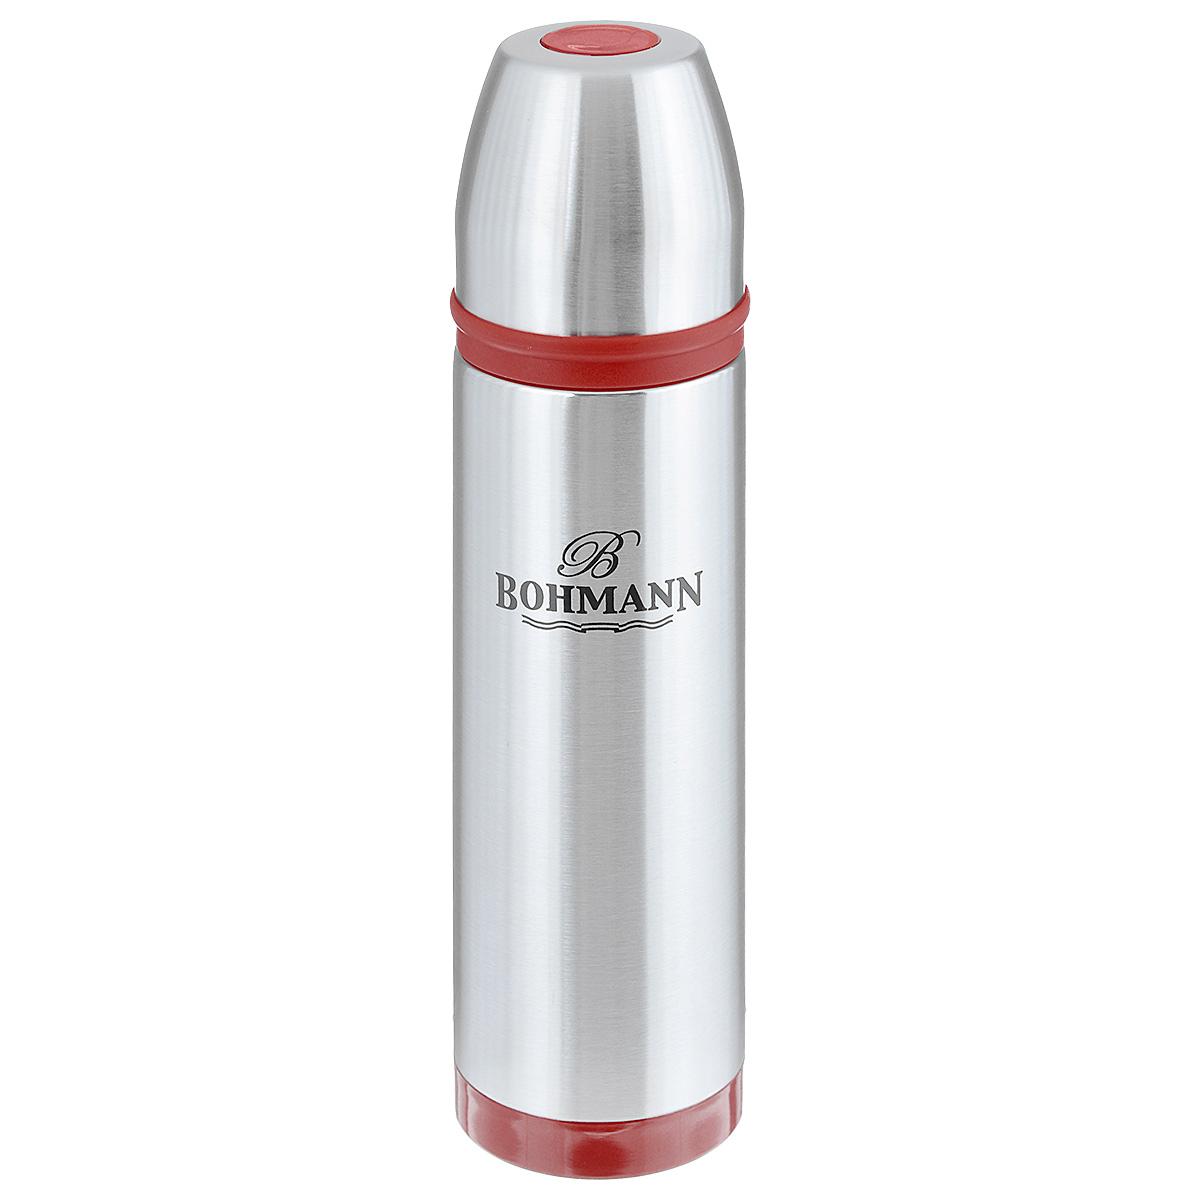 """Термос """"Bohmann"""" с узким горлом, цвет: красный, 500 мл"""